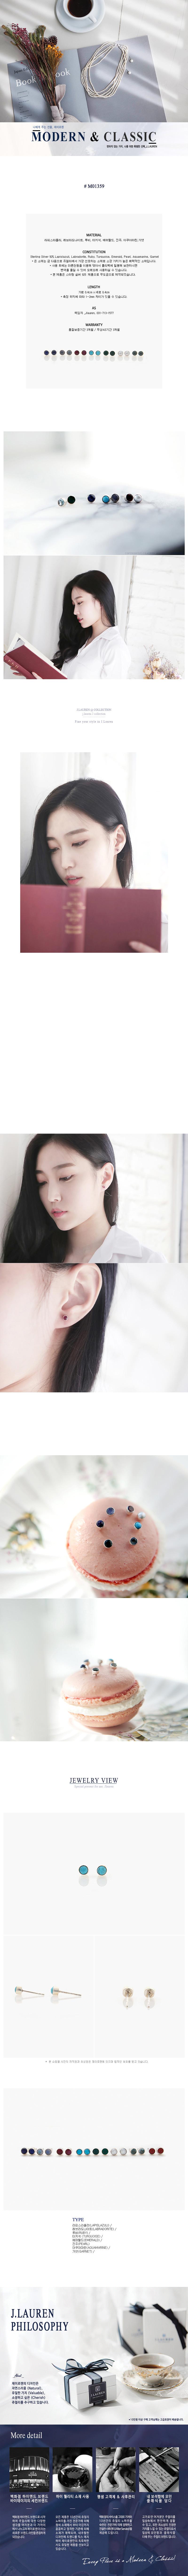 제이로렌 M01359 실버 원석 탄생석 귀걸이 - 바이데이지, 58,000원, 진주/원석, 볼귀걸이